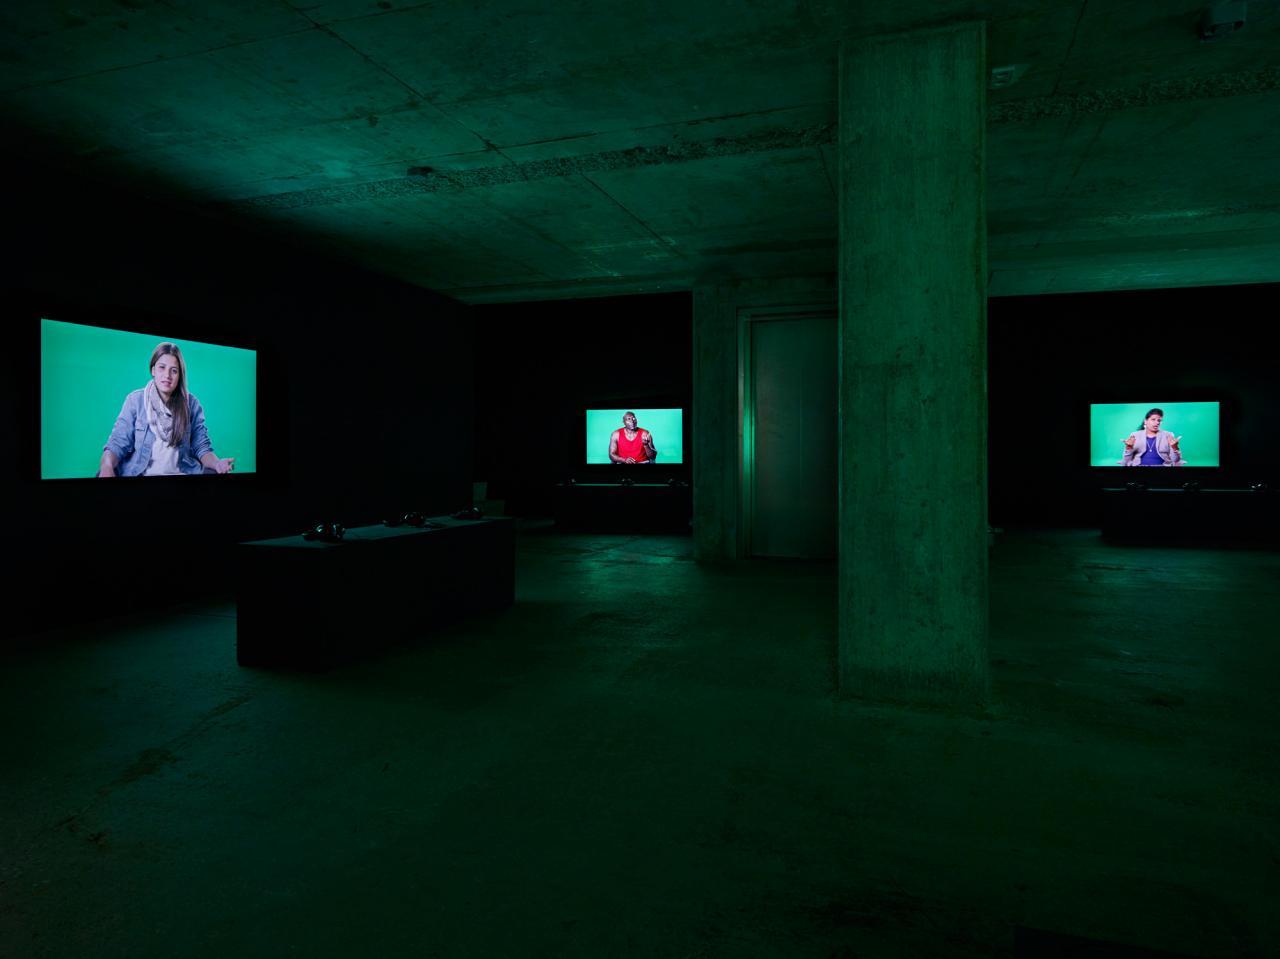 Candice Breitz Love Story (2016, installation view)